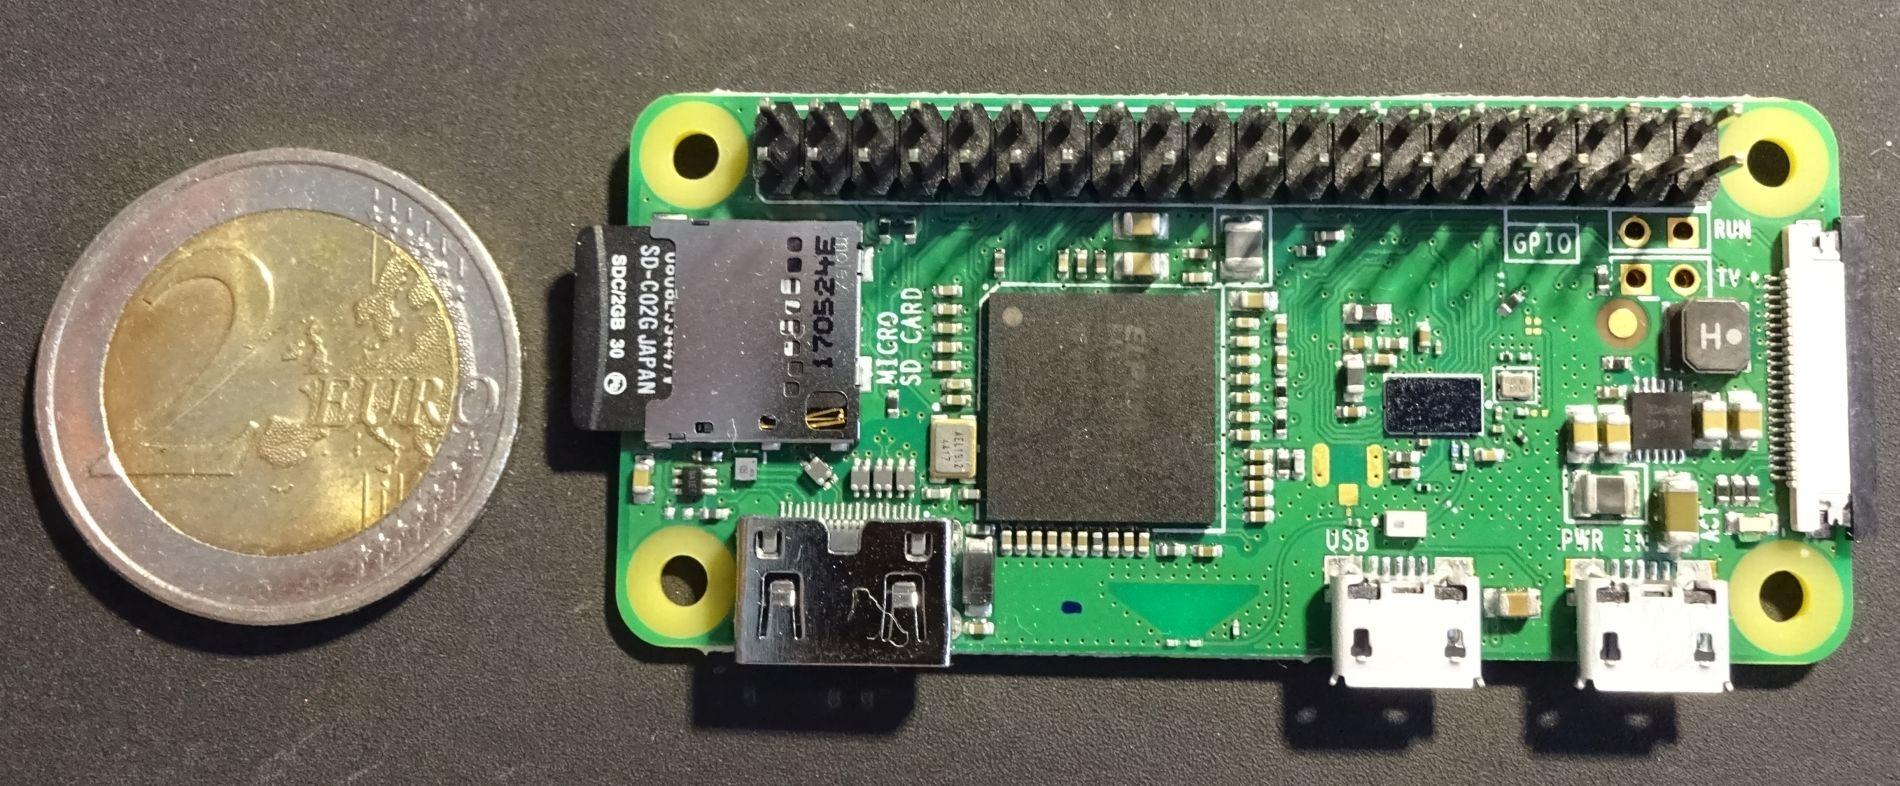 Raspberry Pi / Raspi Zero W - Ersteinrichtung für WLAN und SSH